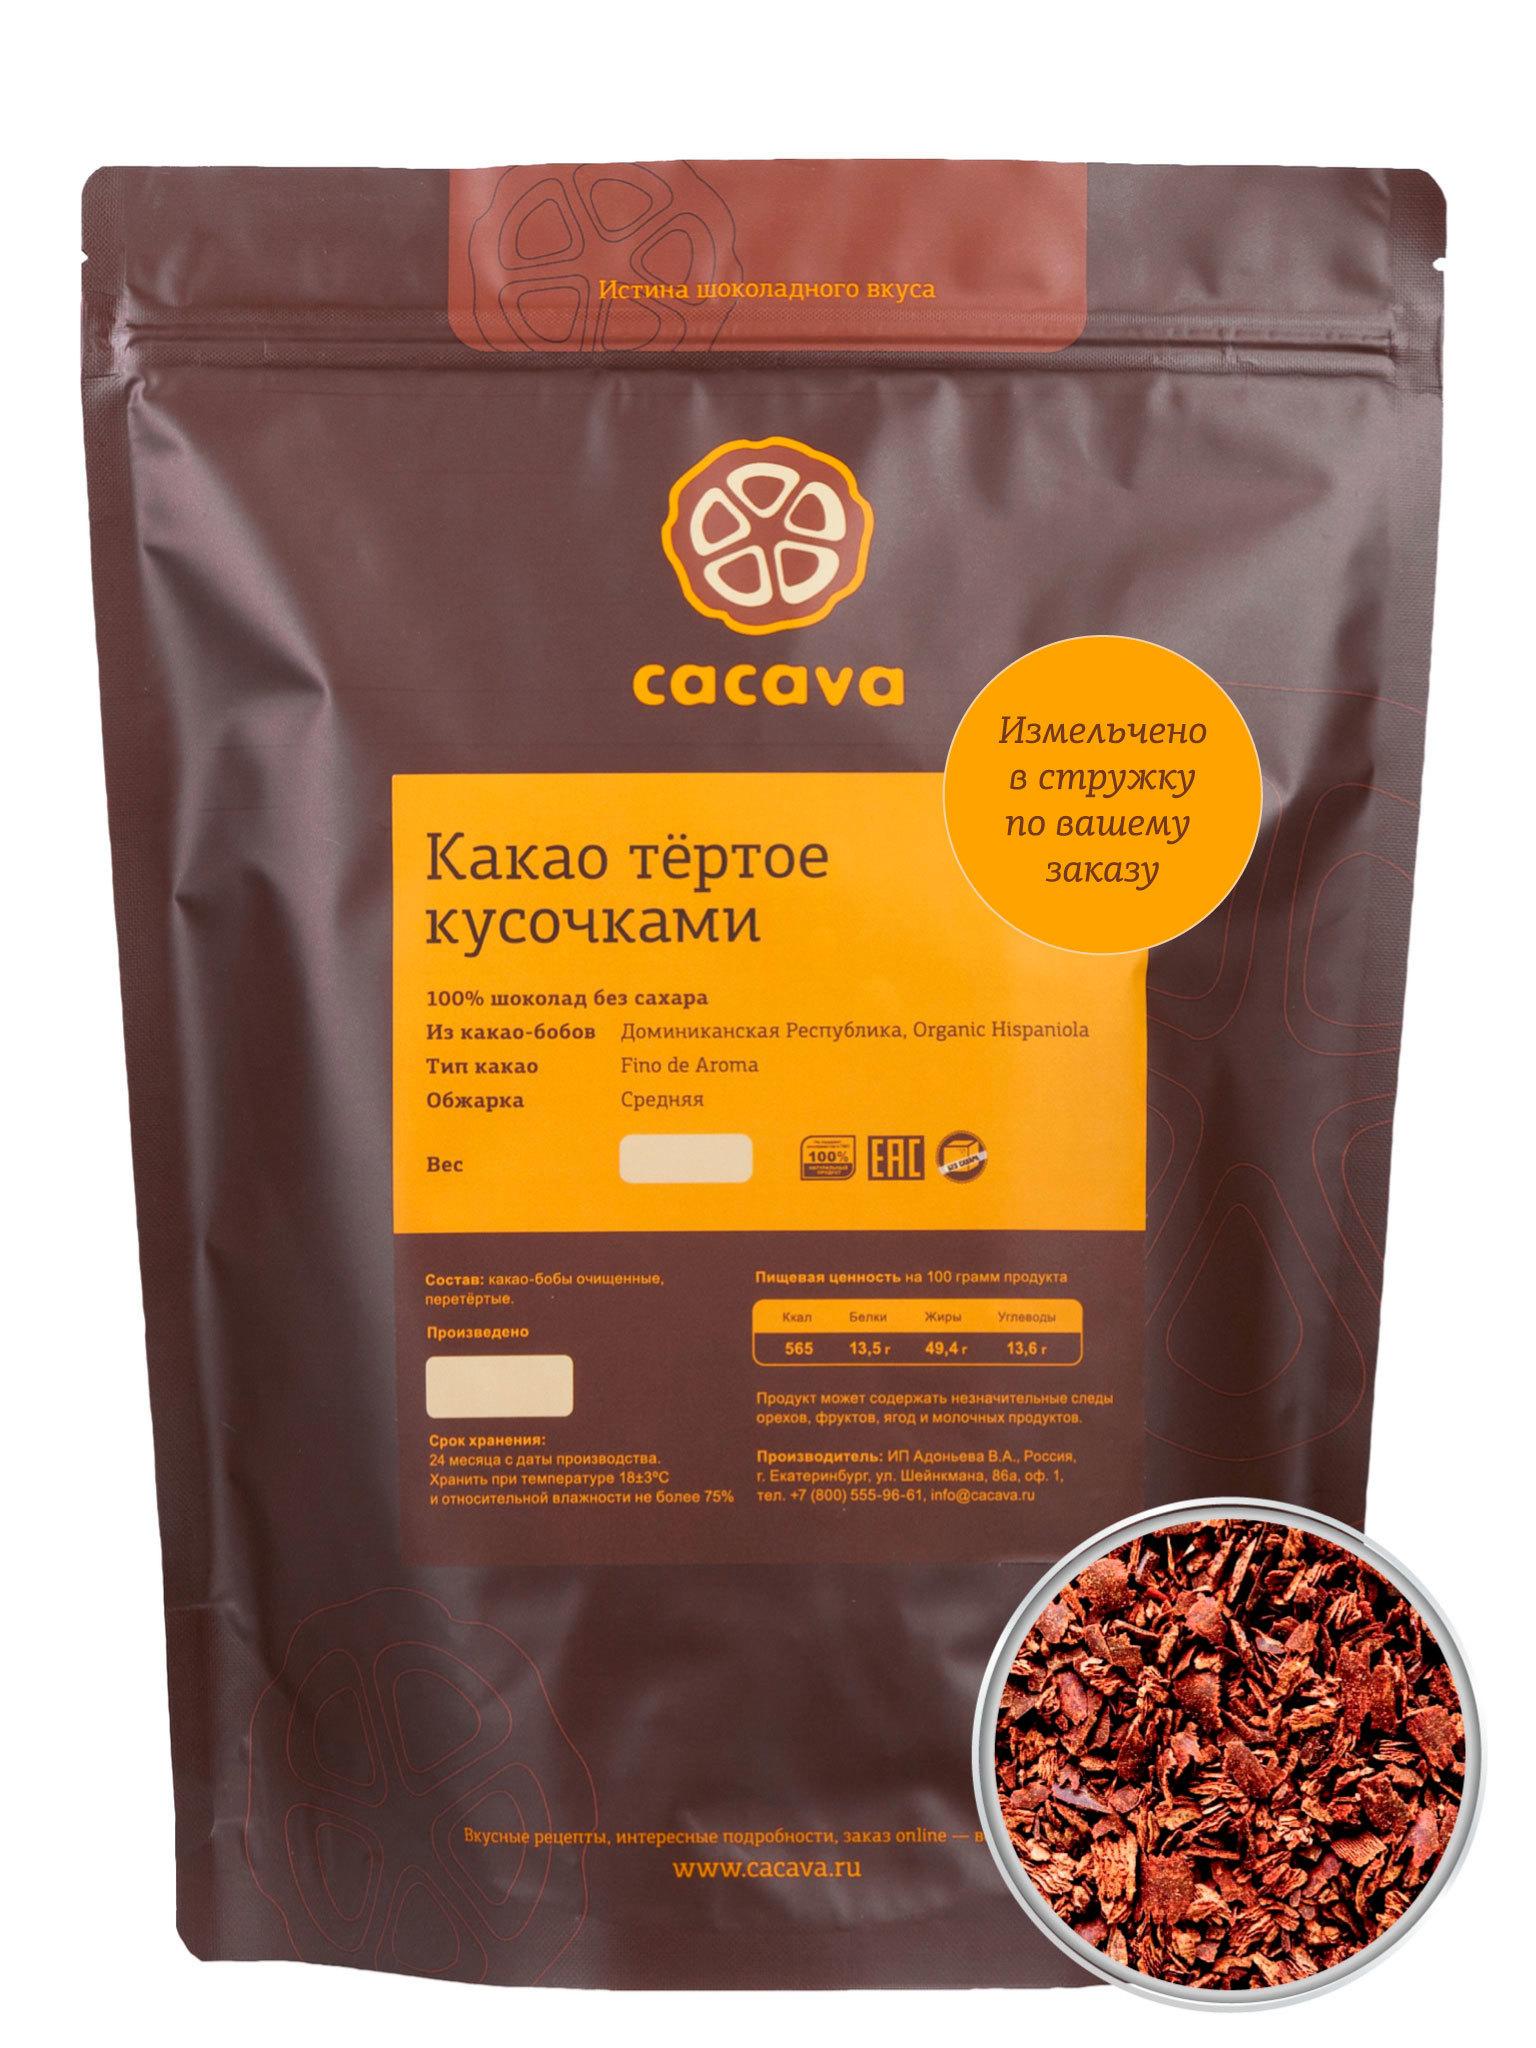 Какао тёртое в стружке (Доминикана, Organic Hispaniola), упаковка 1 кг